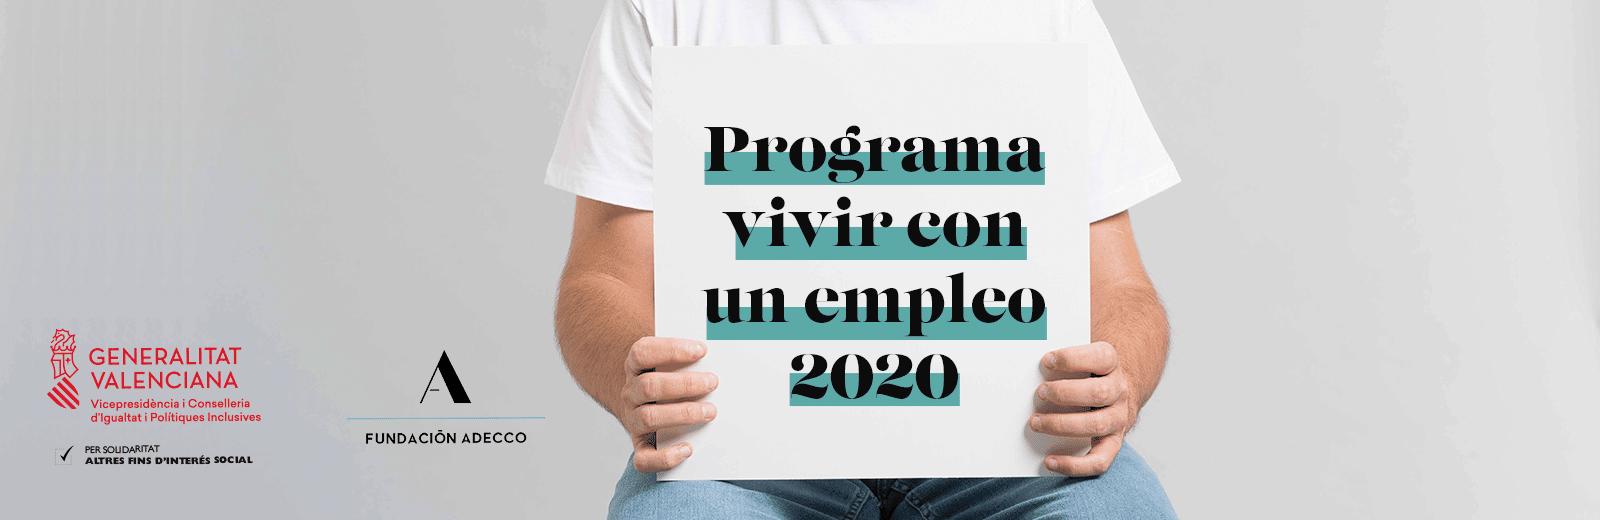 una persona sujeta un cartel en el que se menciona Programa vivir con un empleo 2020